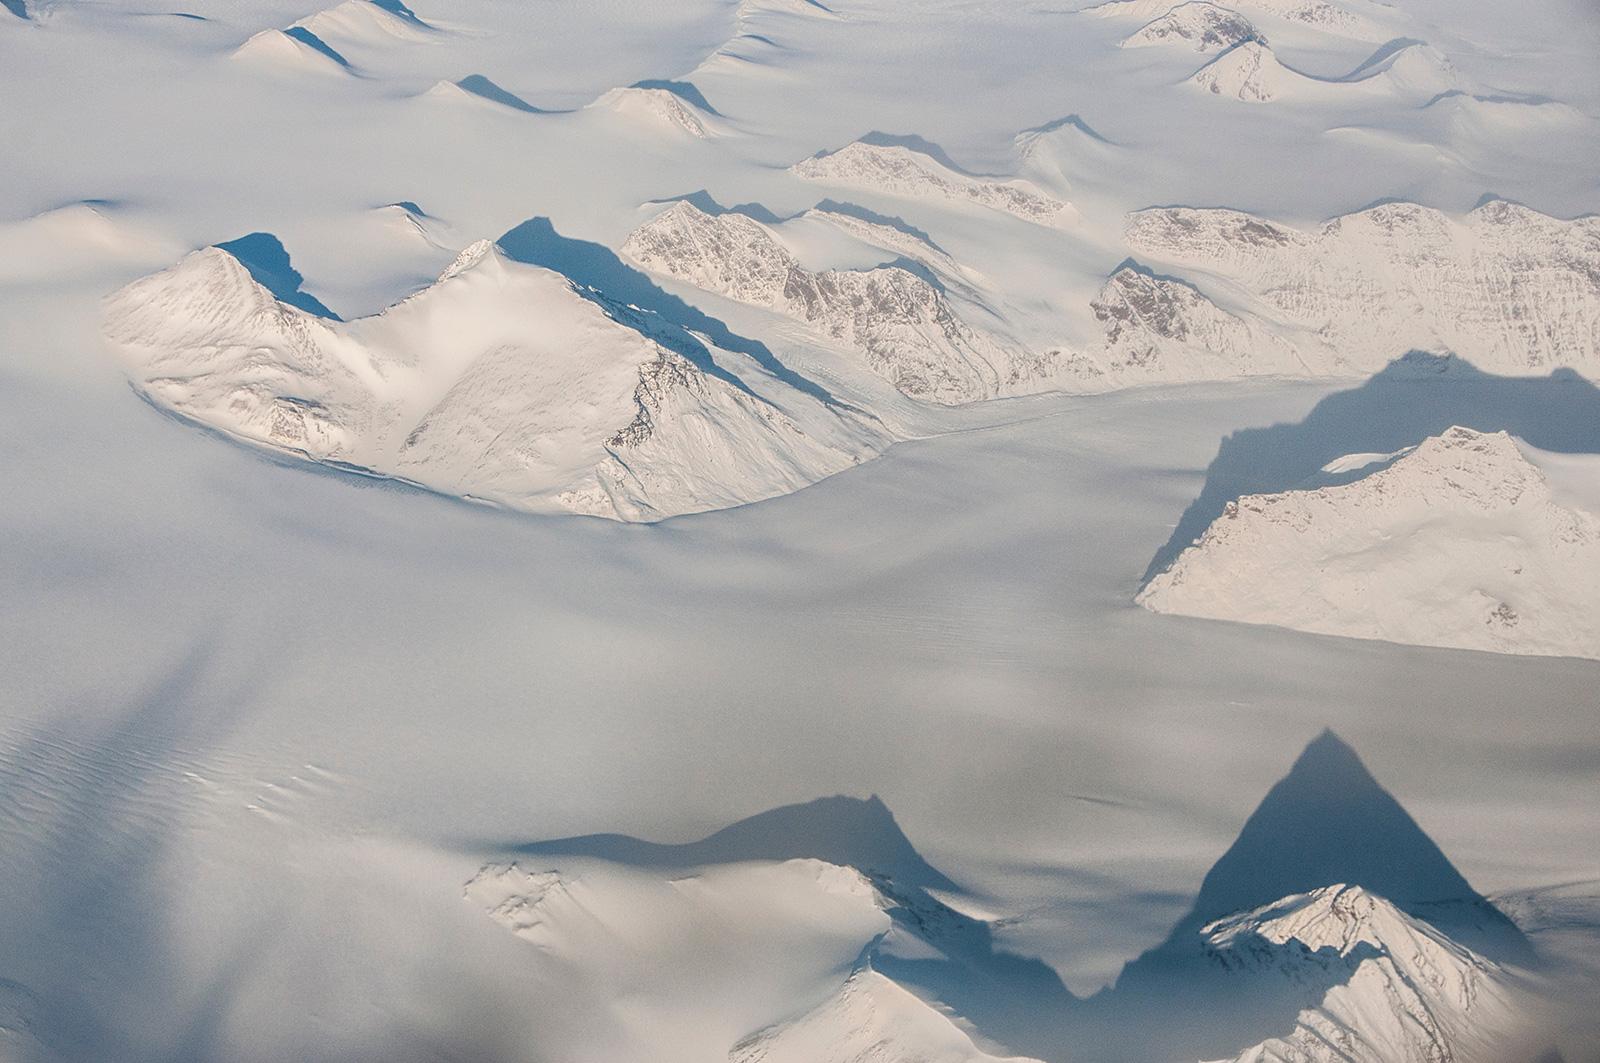 """Bussetti in Artico: """"Prosegue l'impegno della ricerca italiana per contrastare il riscaldamento globale"""""""